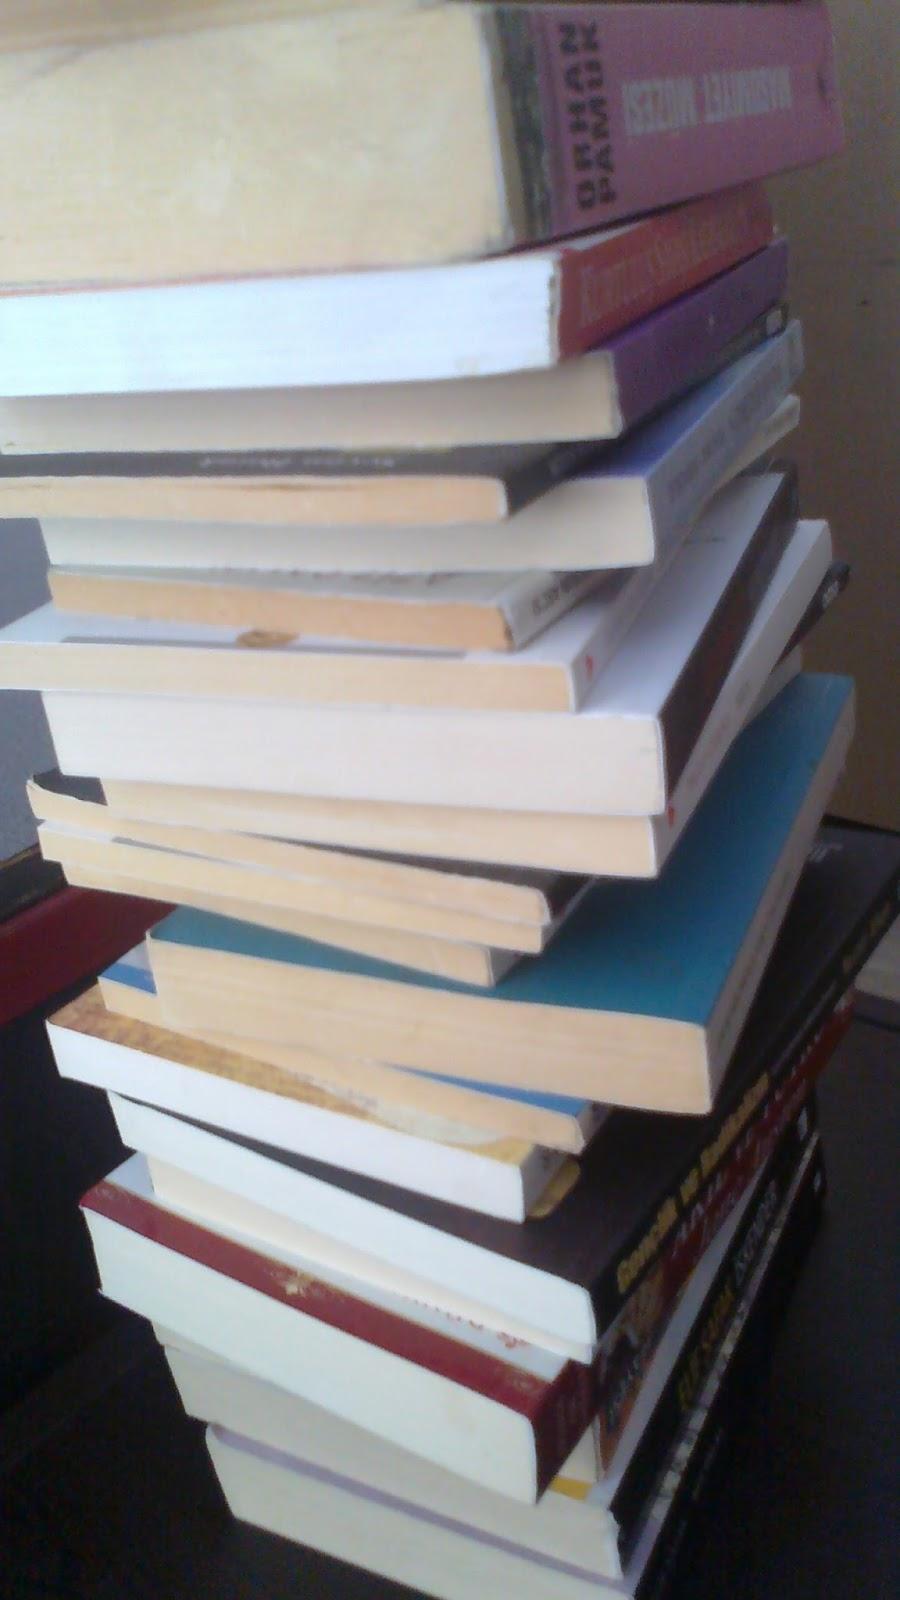 ankara da eski kitaplariniz alinir 0541797289 baskent de eski kitaplar alinir05417972892 temmuz 2015